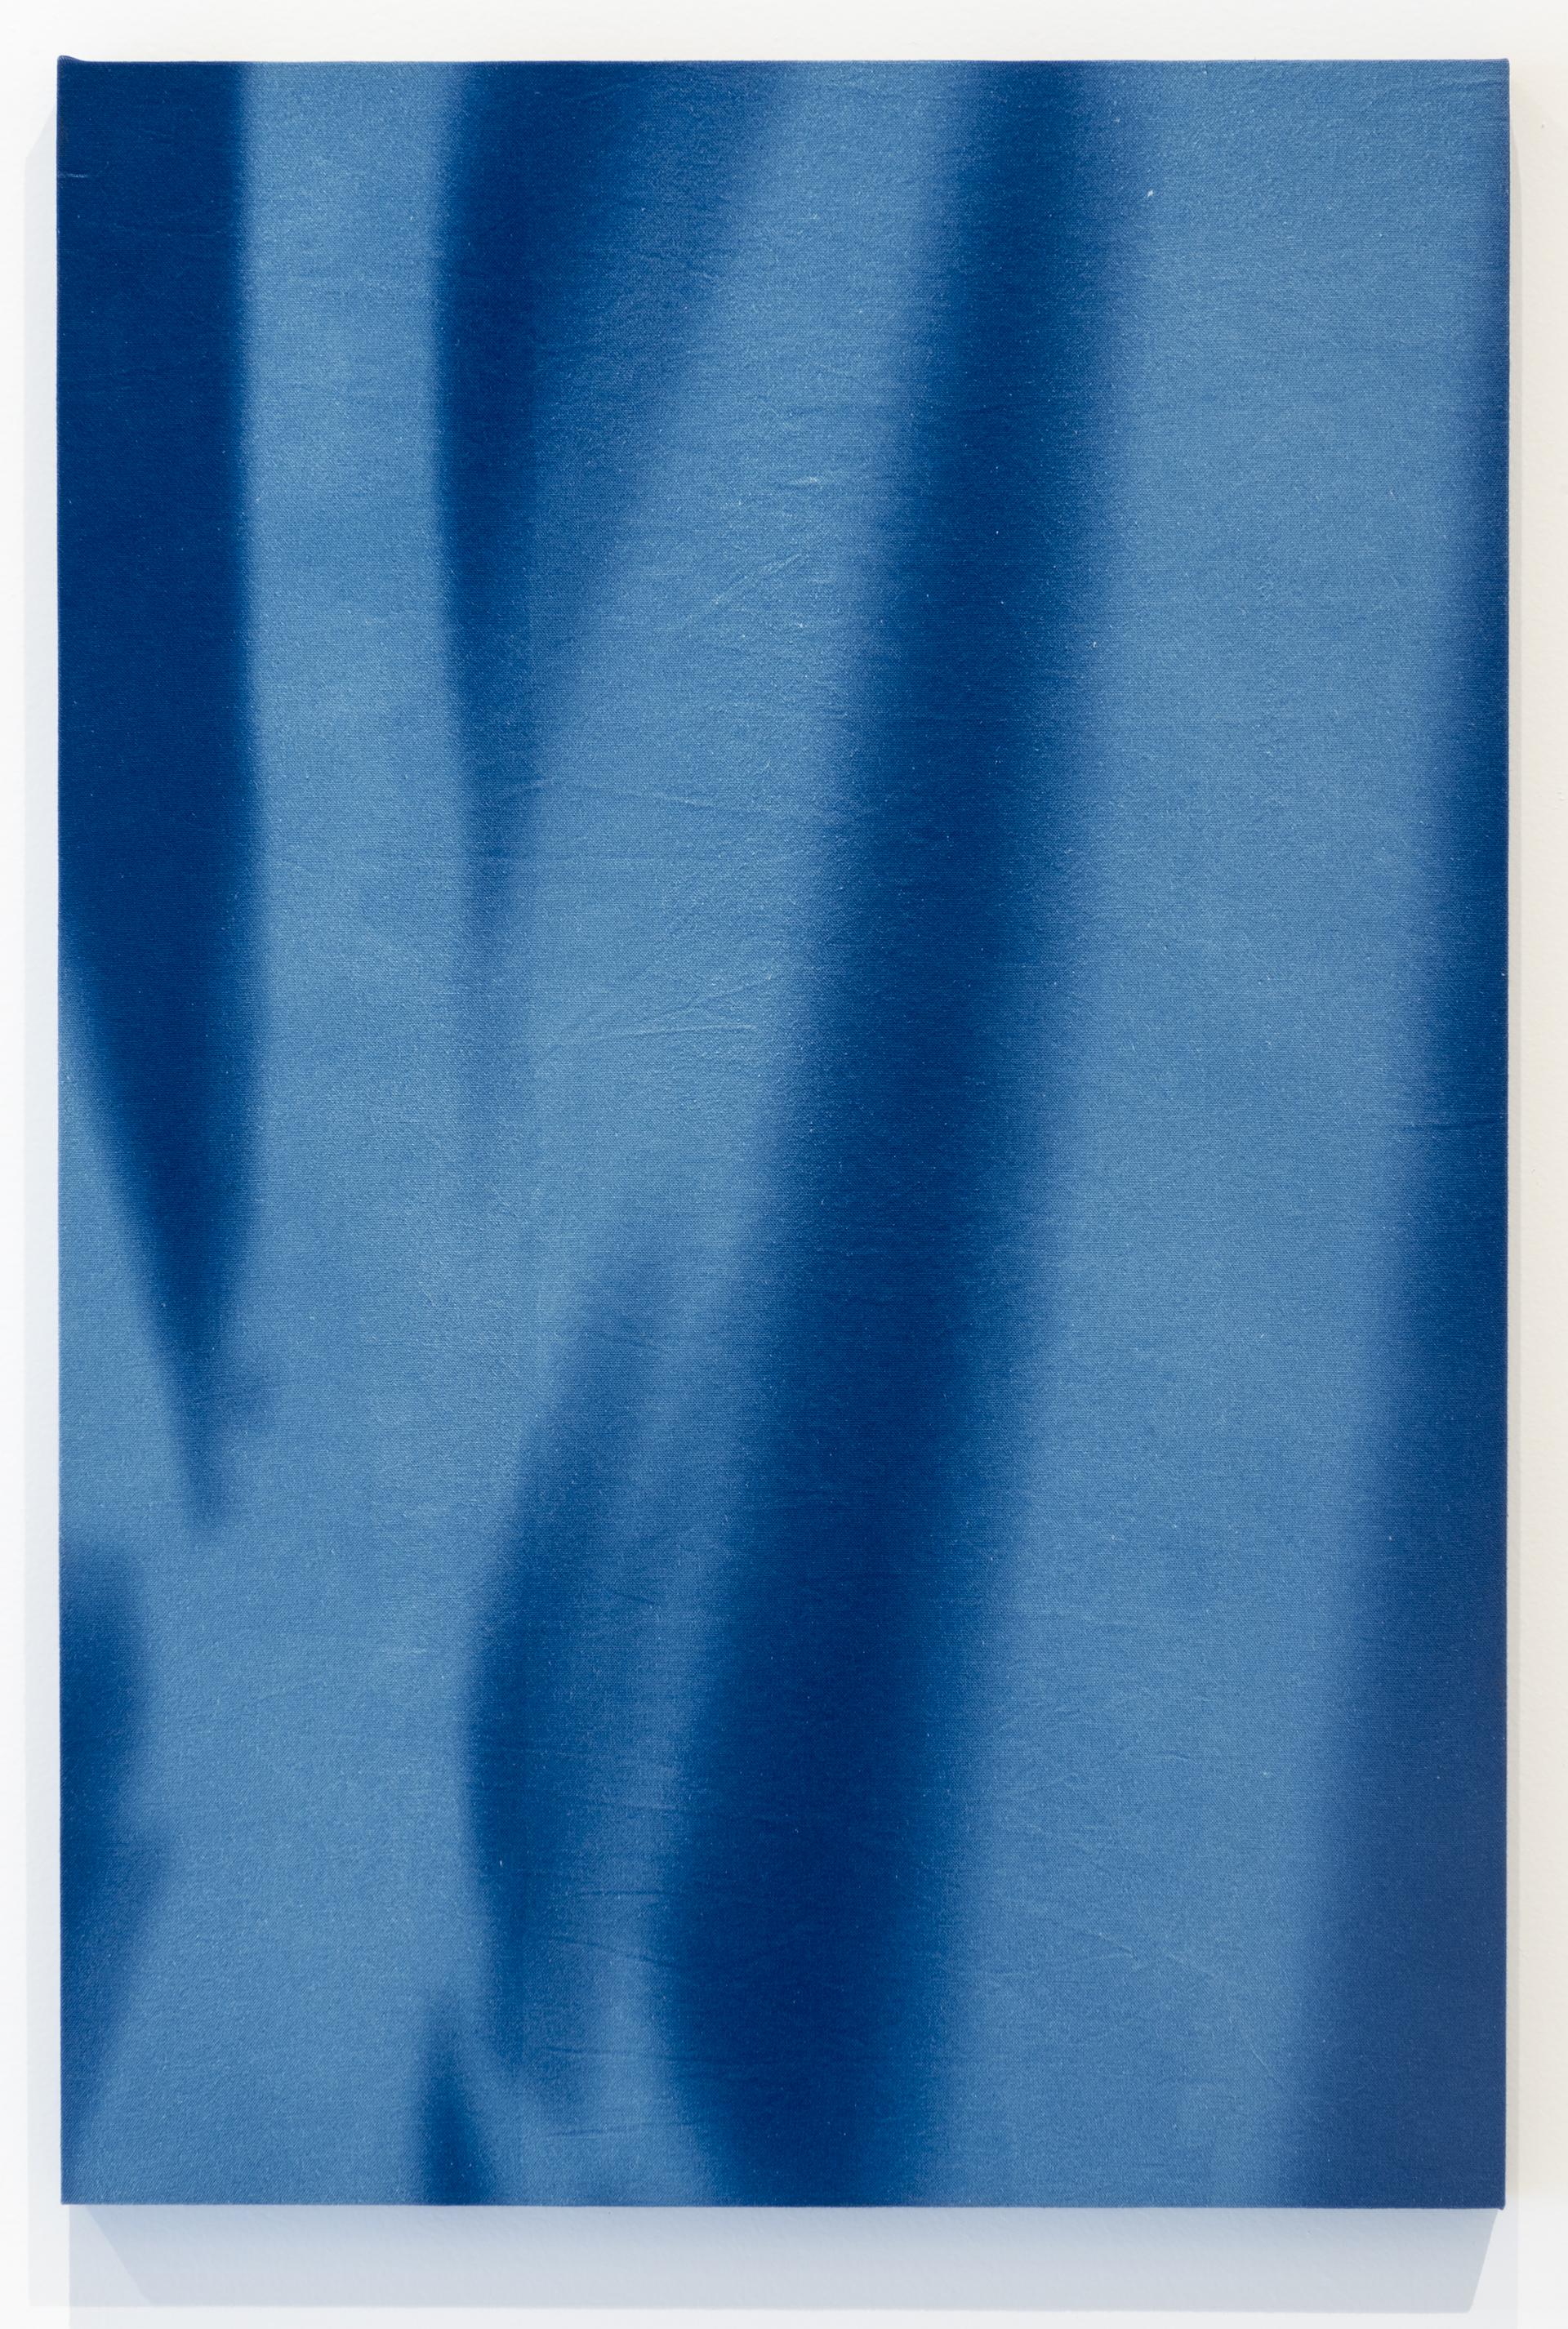 """""""26 de Agosto 2015, 11:06 h. Torre Sur Museo del Chopo, tiempo de exposición13 min"""" Cianotipia sobre tela montado sobre bastidor  90x60 cm (35 x 23"""")"""